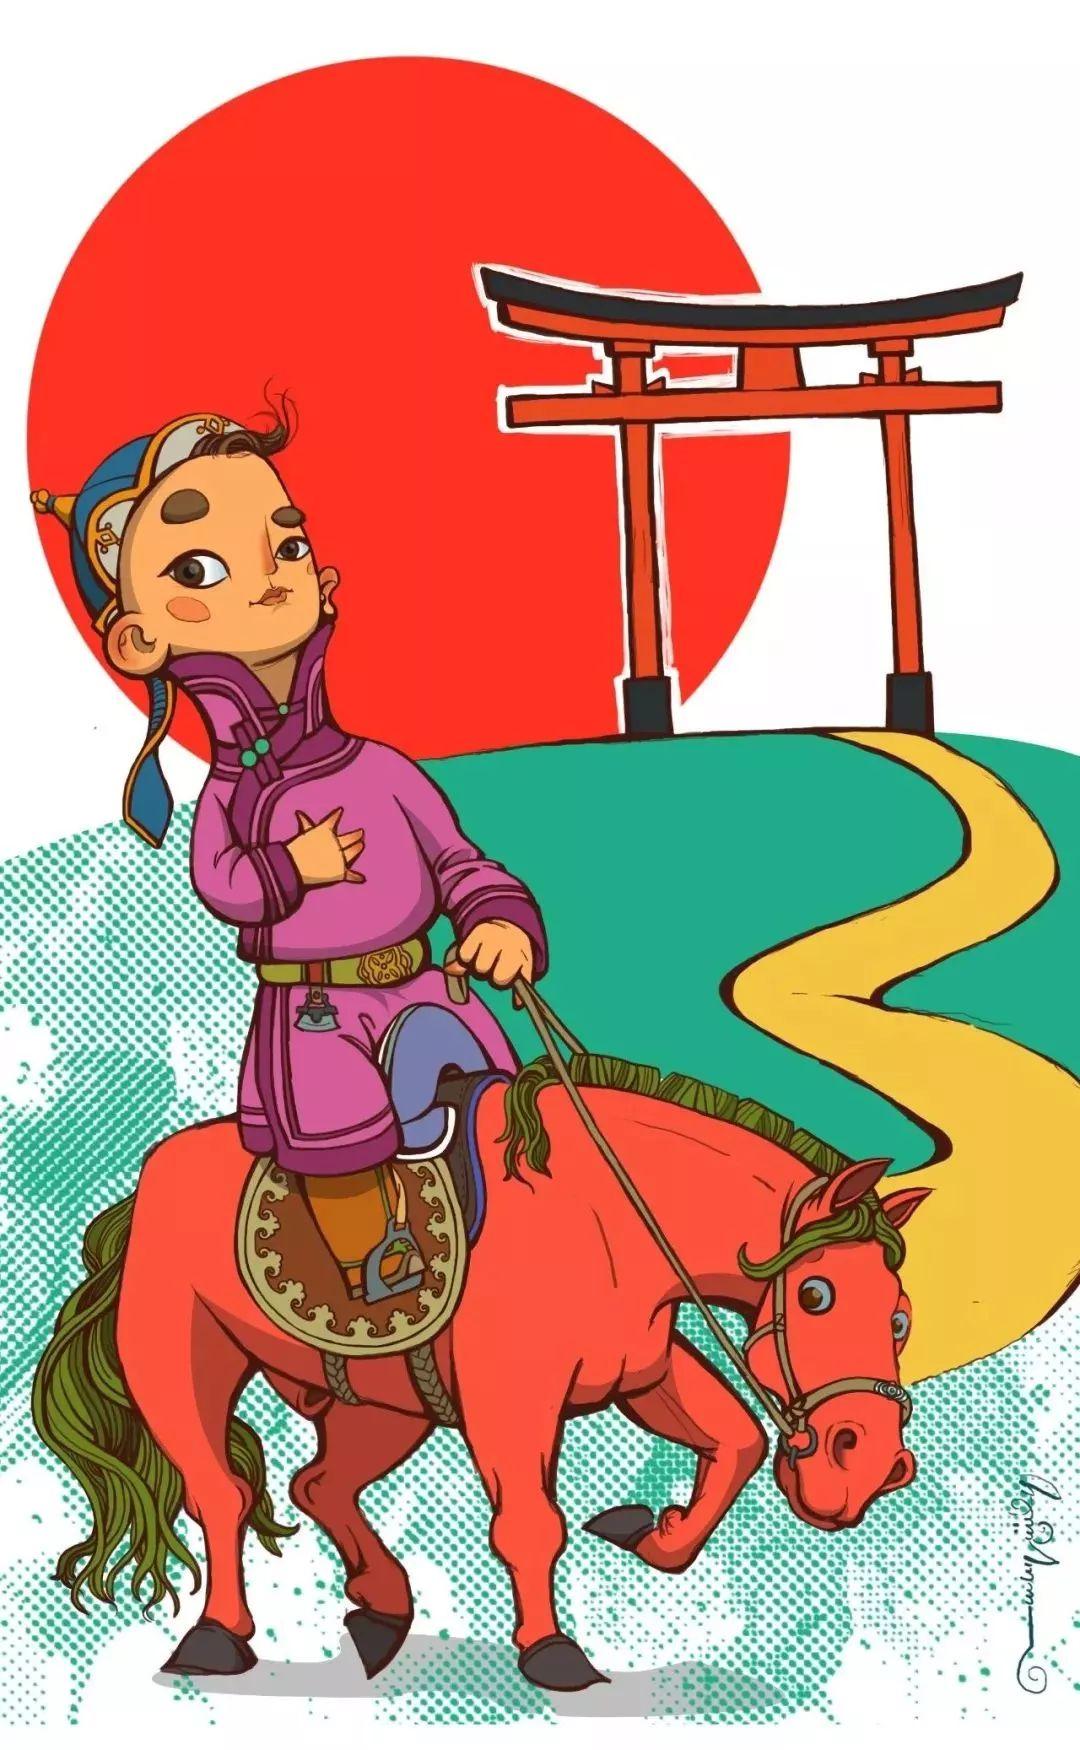 蒙古插画 第16张 蒙古插画 蒙古画廊